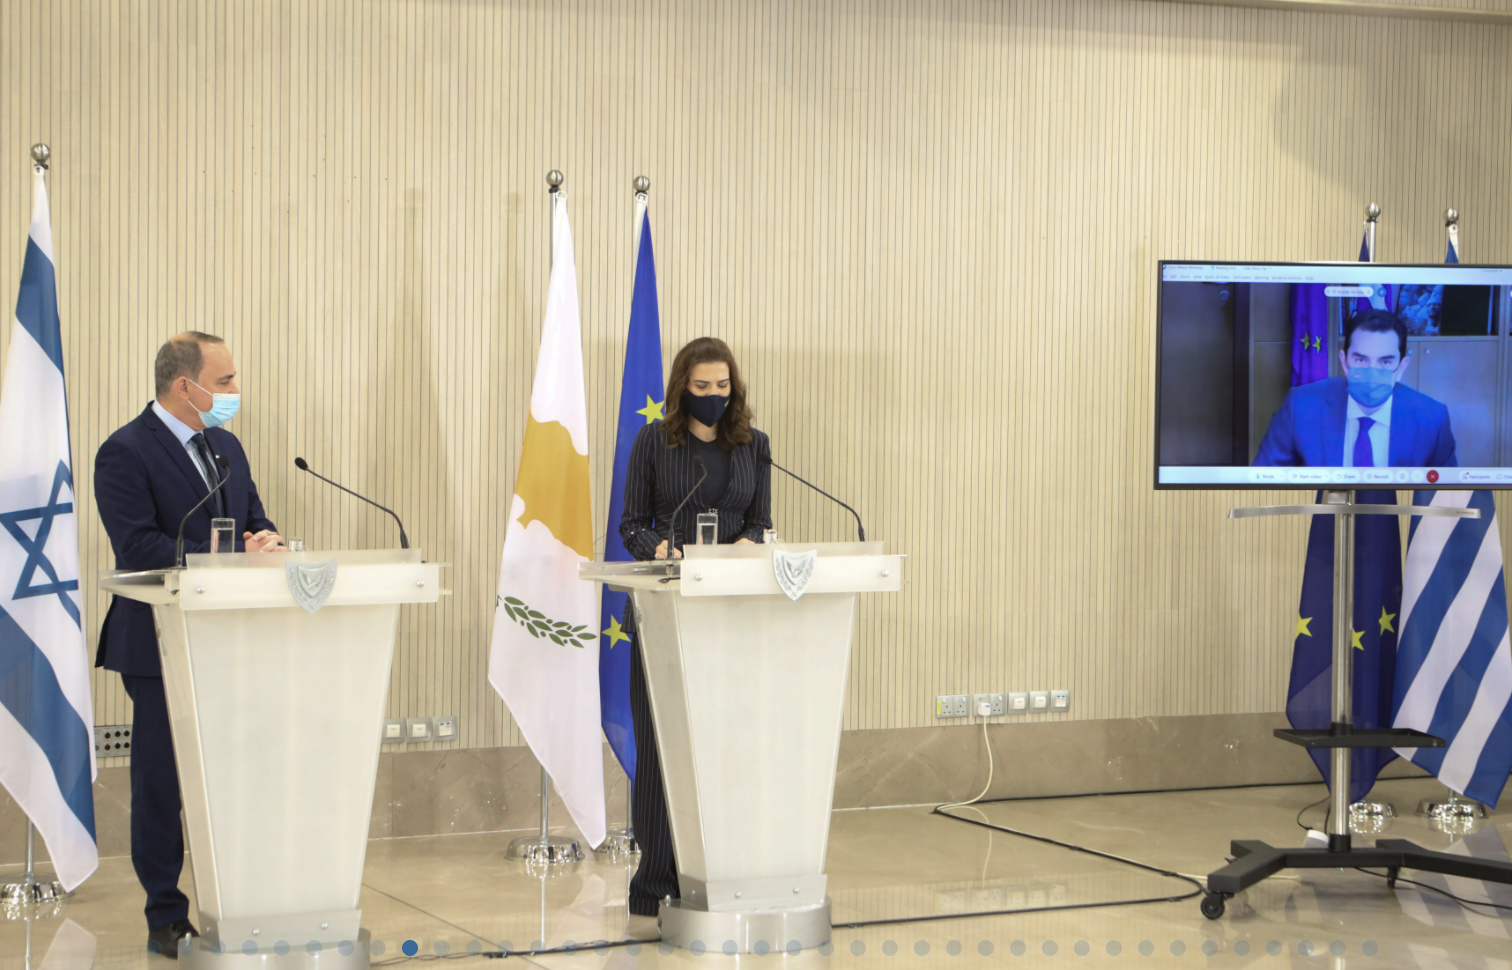 Κύπρος, Ελλάδα και Ισραήλ υπέγραψαν MoU για συνεργασία σε σχέση με το έργο «EuroAsia Interconnector»